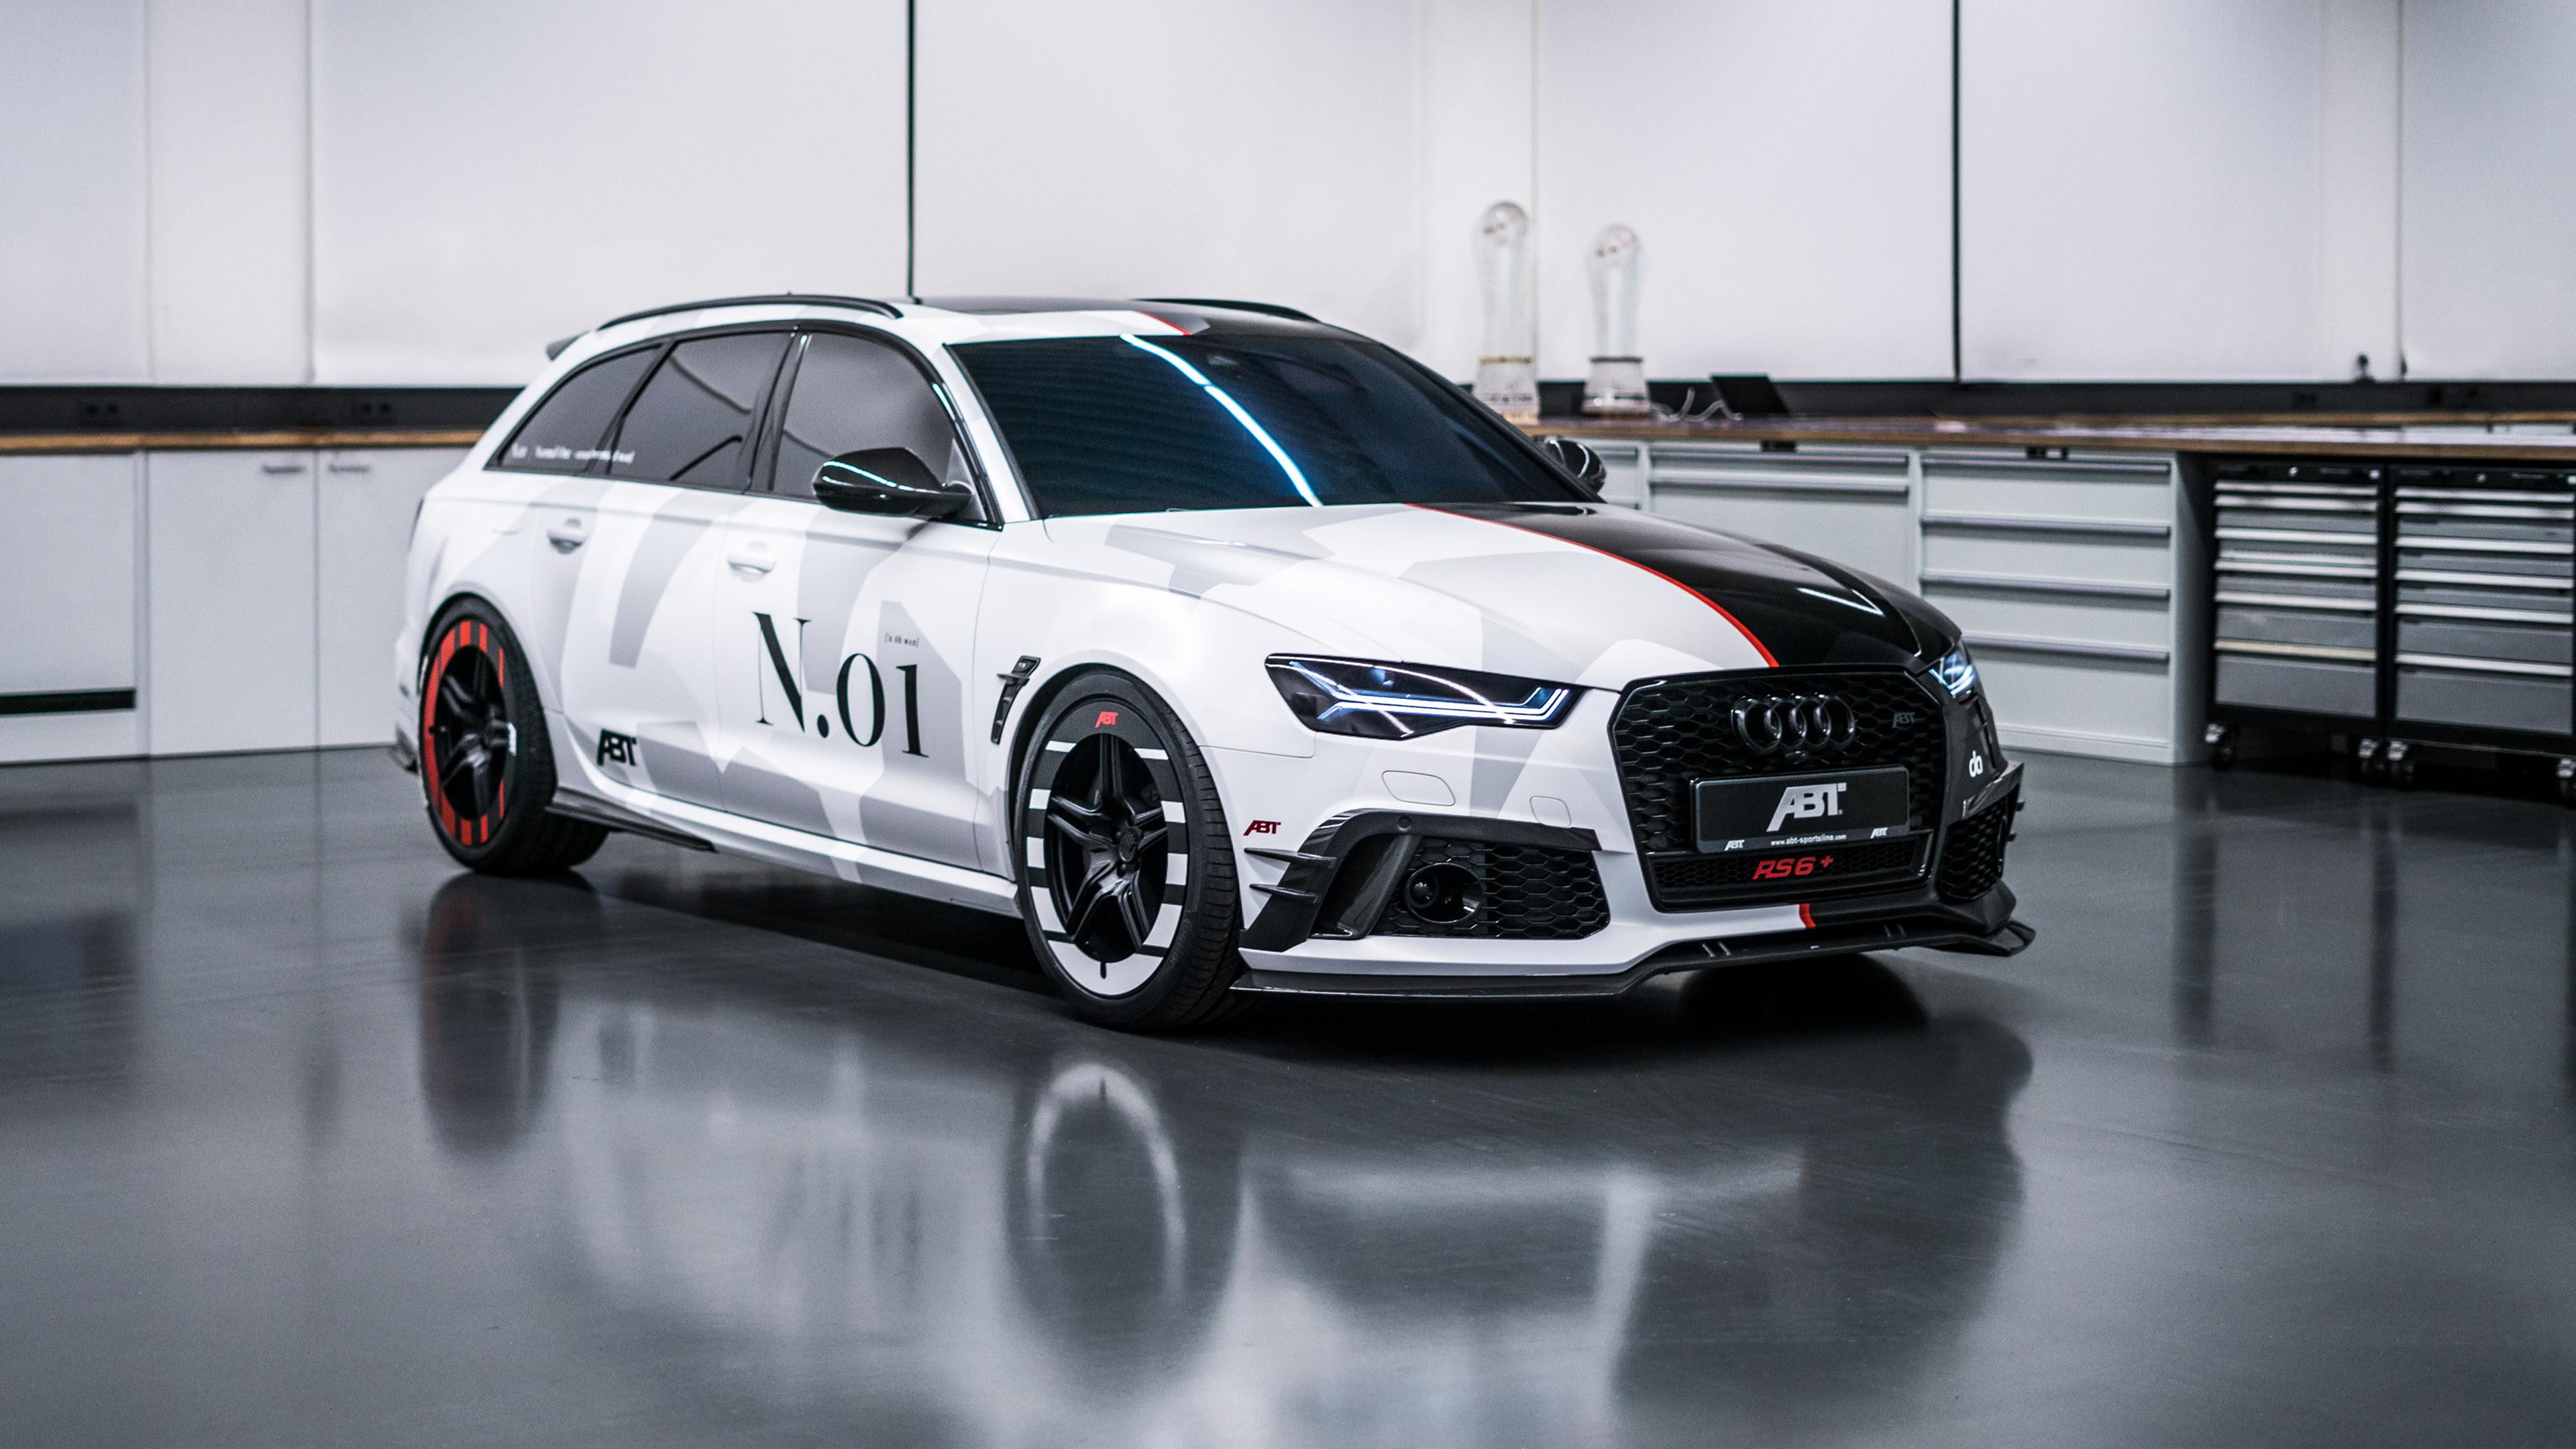 Audi Rs6 Abt Wallpaper 4k Images Slike